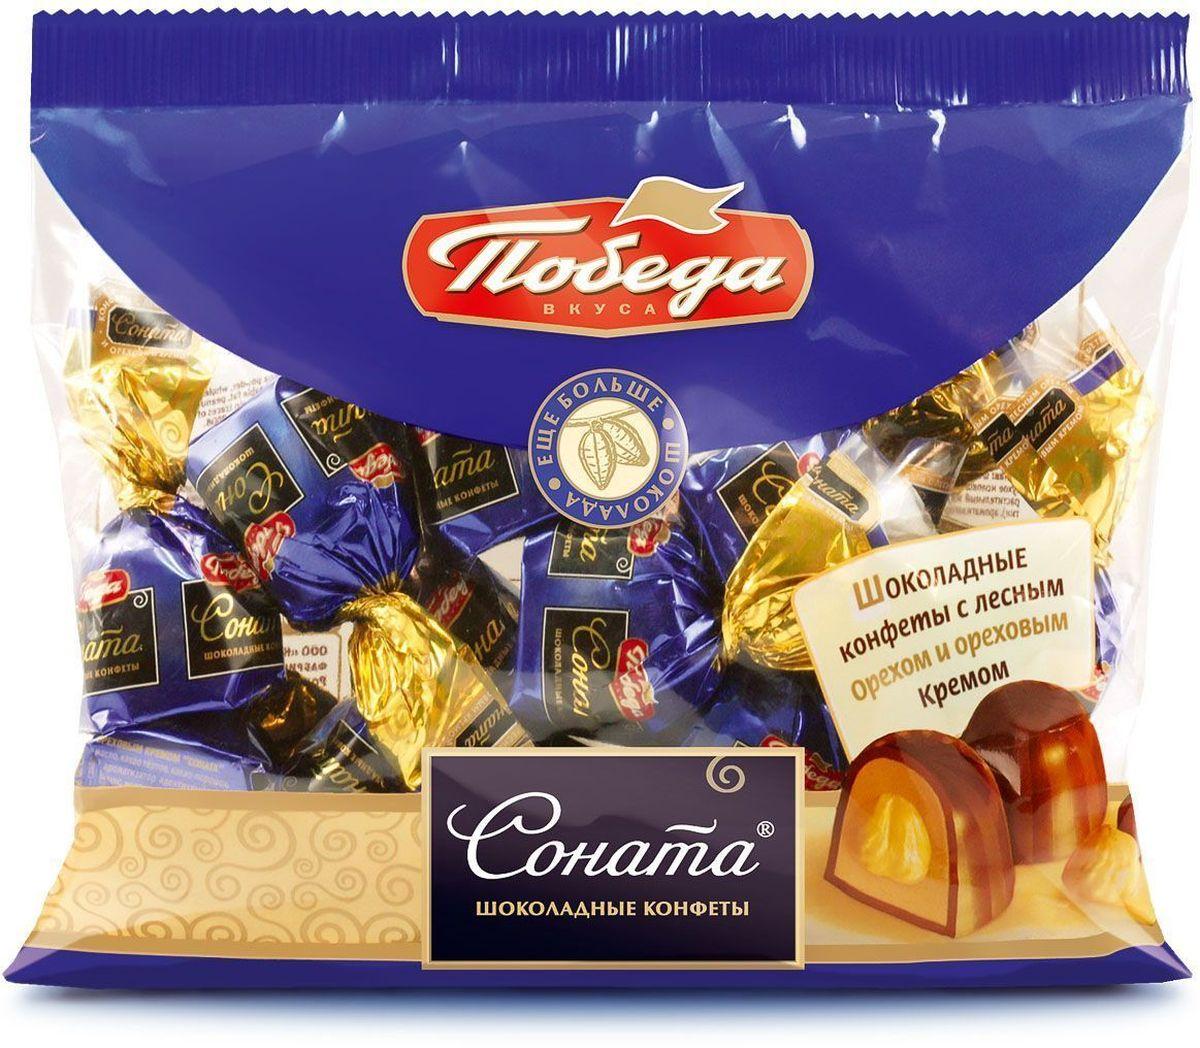 Победа вкуса Соната шоколадные конфеты с лесным орехом и ореховым кремом, 200 гУТ12713Это красивое и вкусное слово пралине впервые появилось во Франции в 18 веке. Шеф-повар знаменитого маршала и дипломата Цезара дю Плесси-Пралин (Cesar du Plessis-Praslin) назвал в его честь конфеты из тертого миндаля, покрытые шоколадом. Вслед за Францией и Бельгией, это наименование распространилось повсеместно и стало общепринятым названием для шоколадных конфет с разнообразными ореховыми начинками. Мы рады предложить вам конфеты пралине из тертого фундука с цельным орехом внутри, покрытые классическим молочным шоколадом.